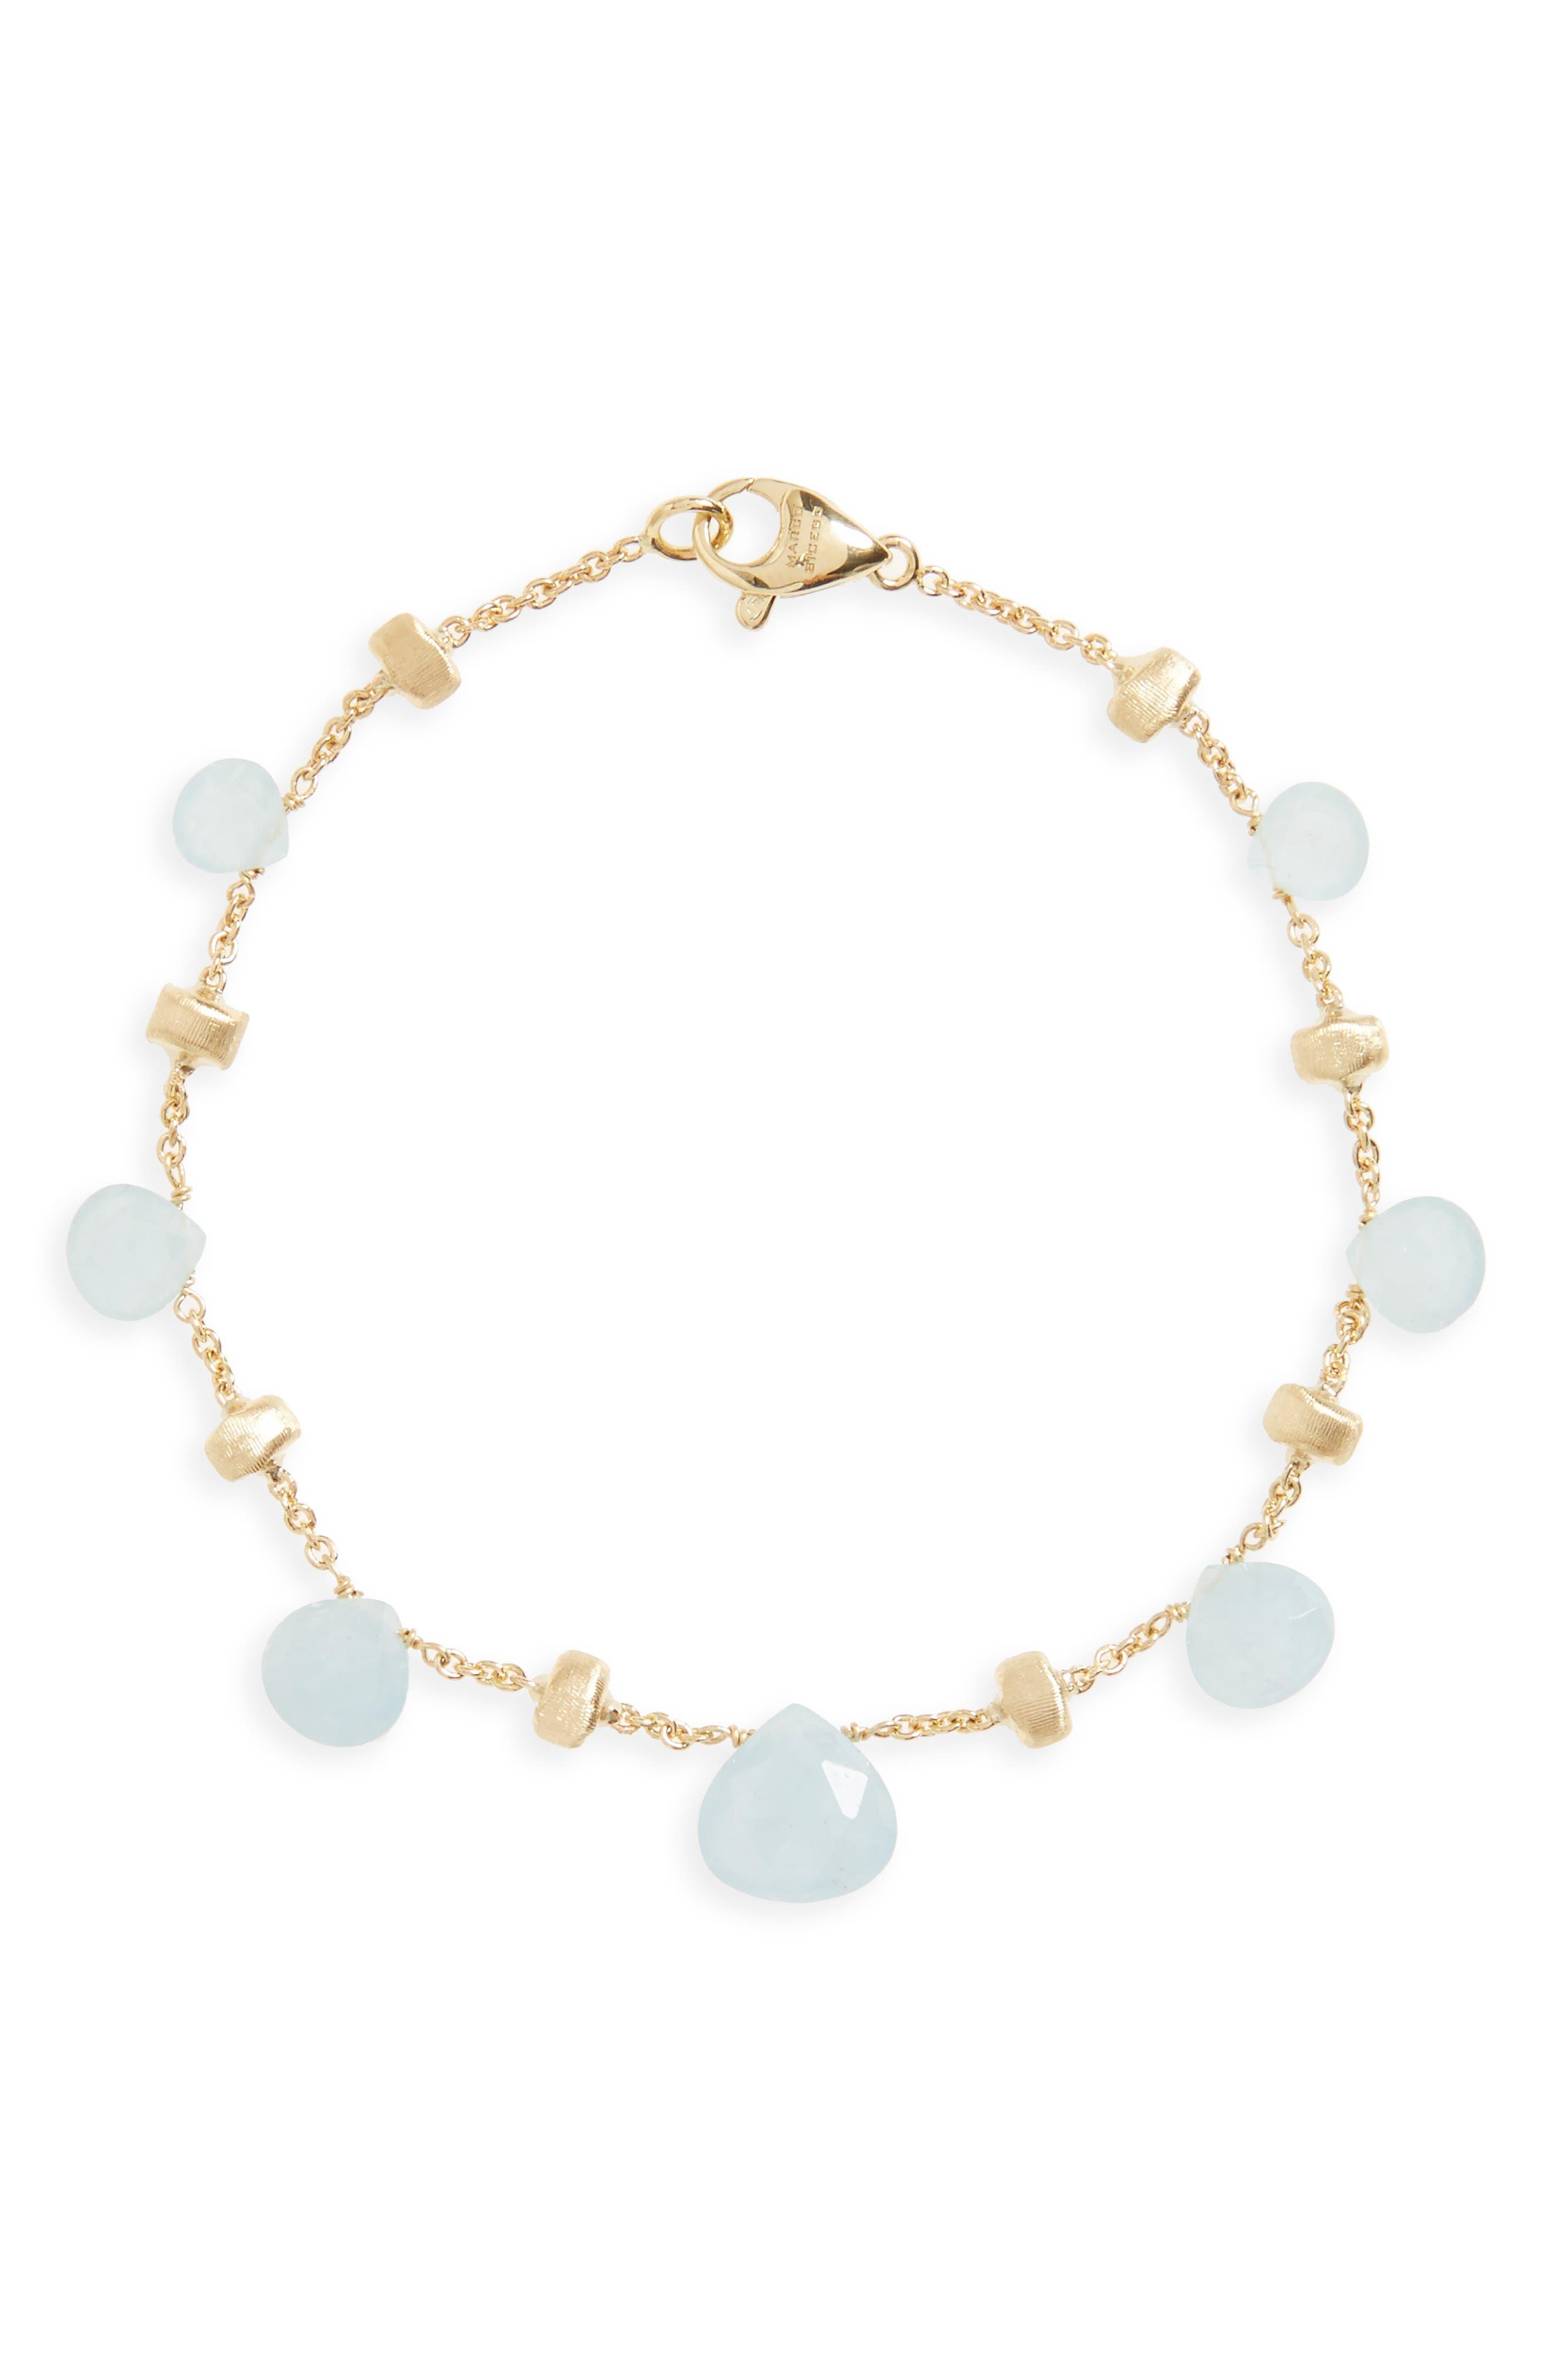 MARCO BICEGO Paradise Single Strand Bracelet